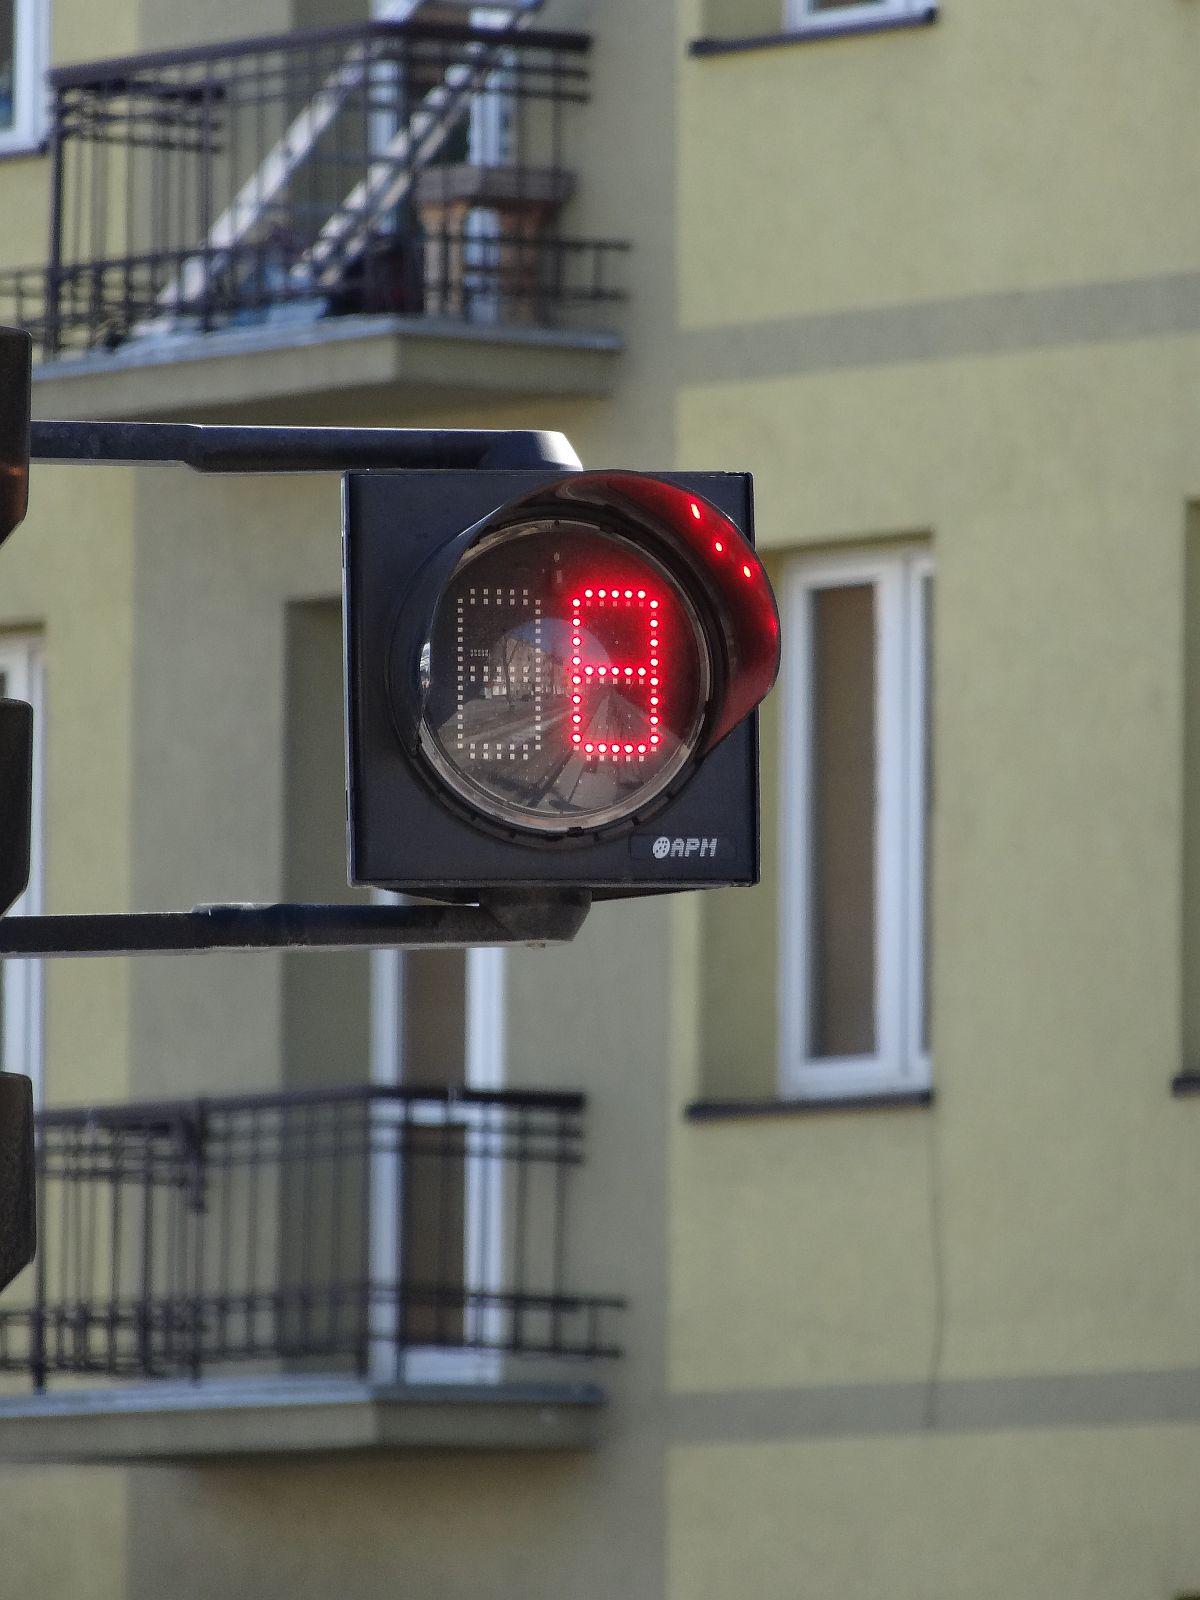 Sekundnik warszawski przy ulicy Grochowskiej